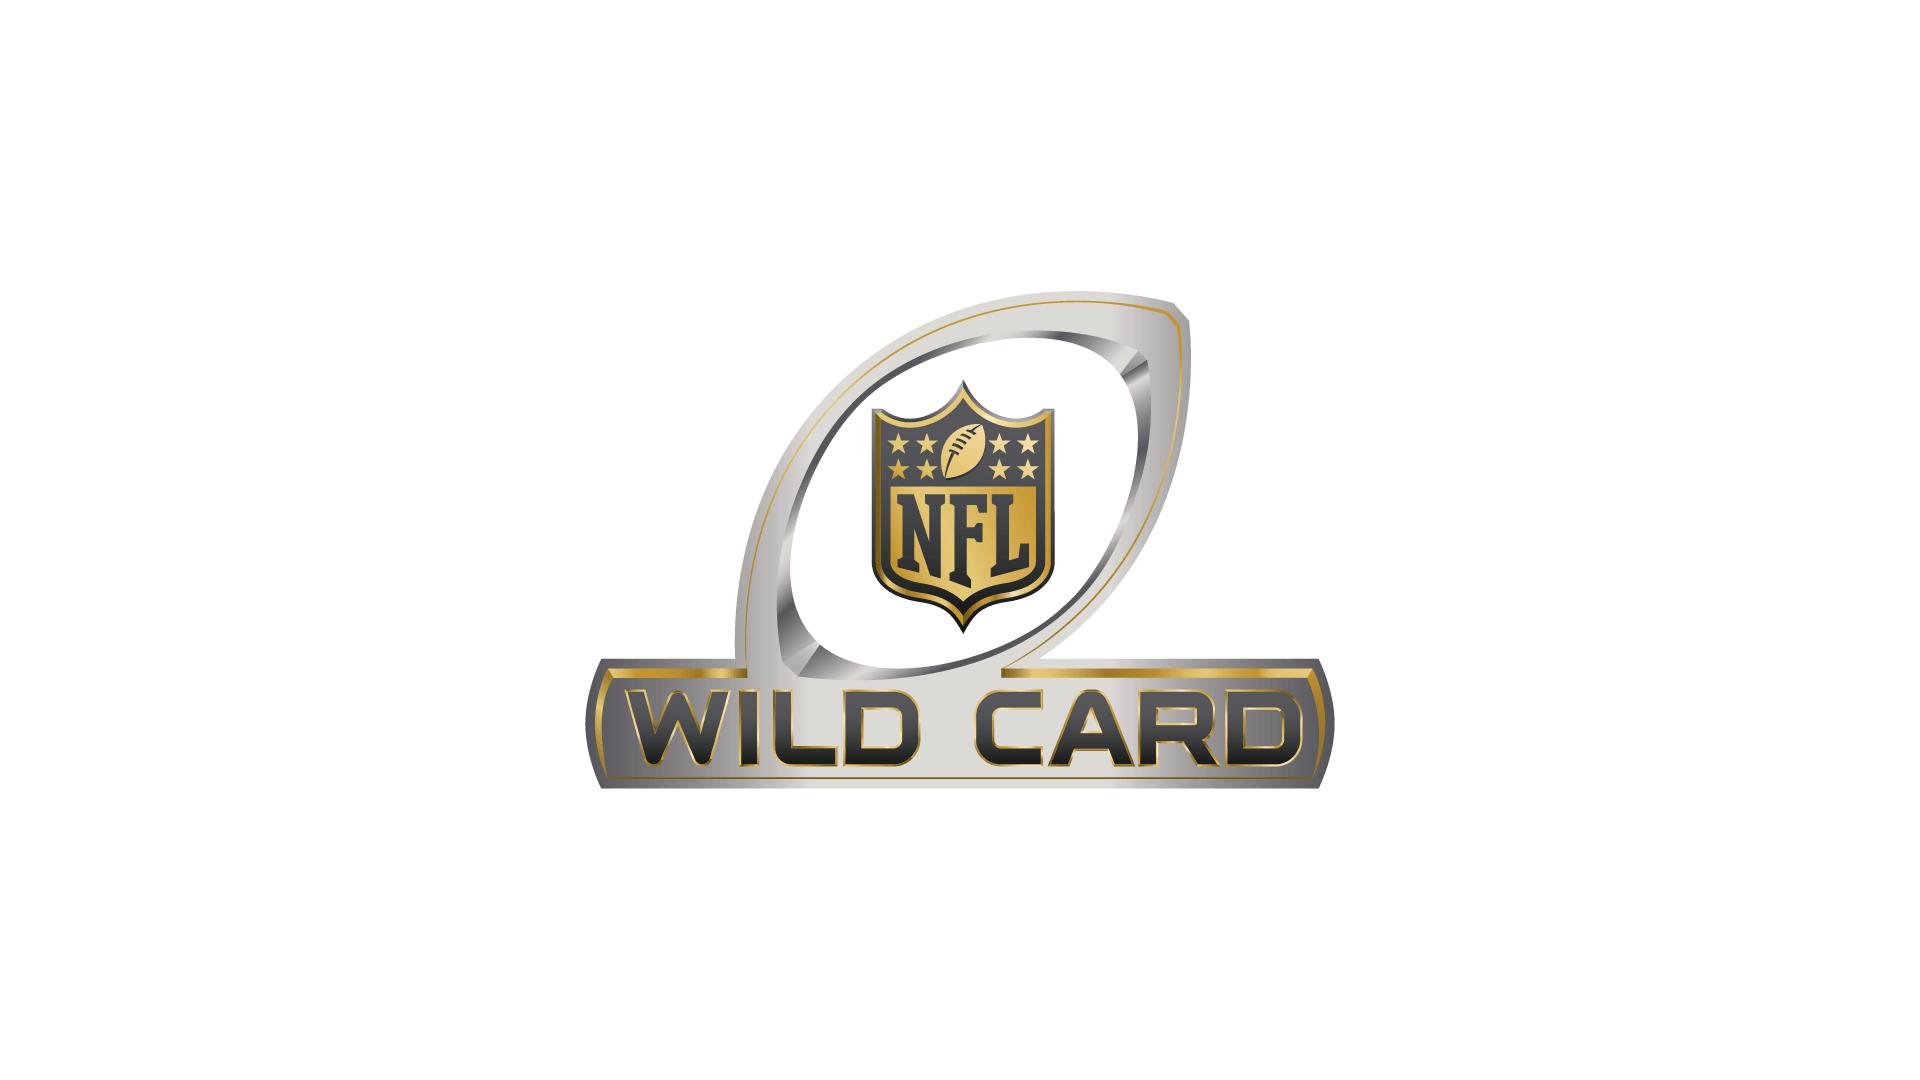 wildcard nfl